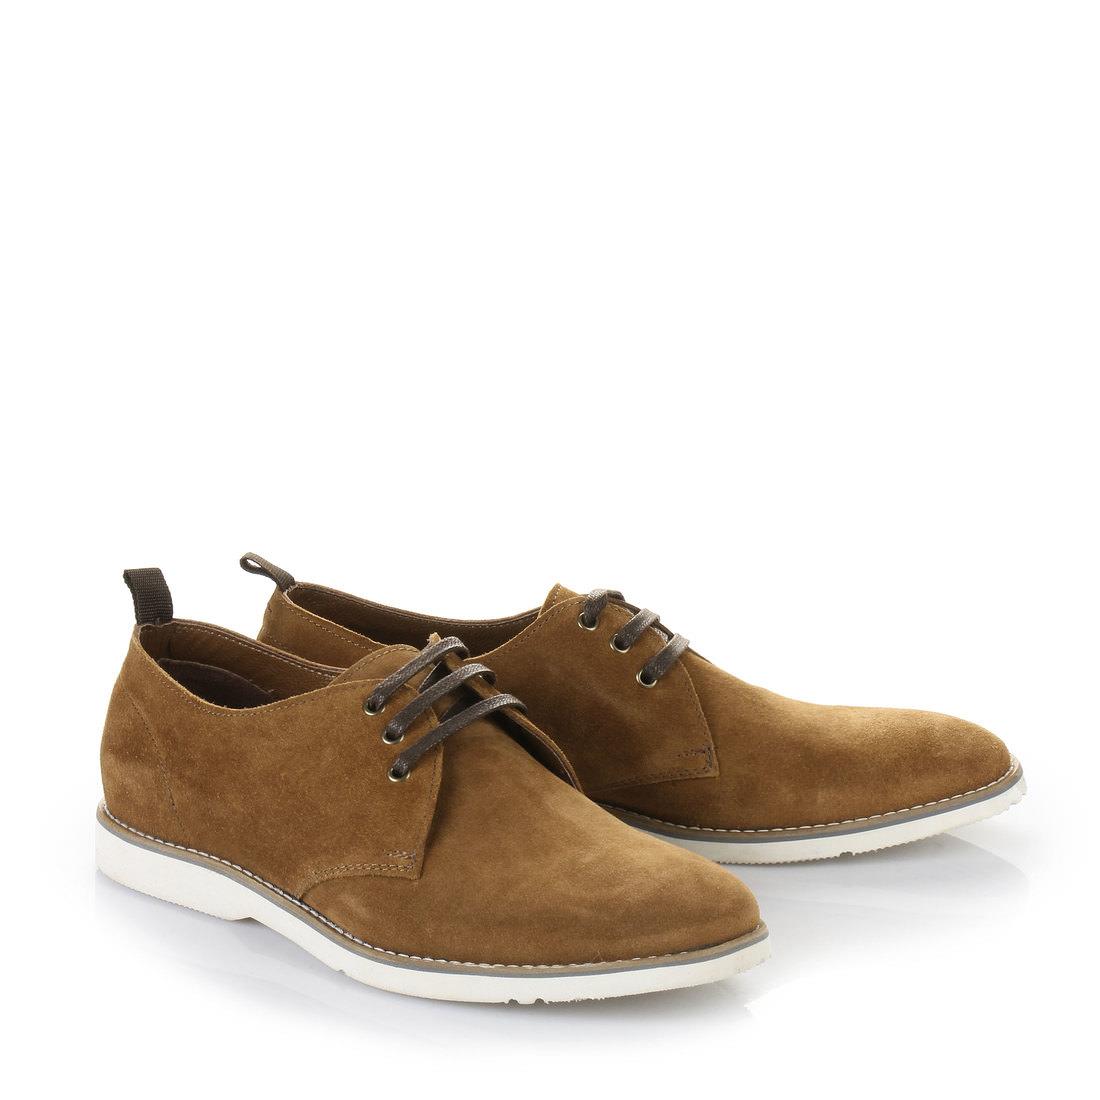 chaussures lacets buffalo pour homme cognac acheter buffalo en ligne buffalo. Black Bedroom Furniture Sets. Home Design Ideas